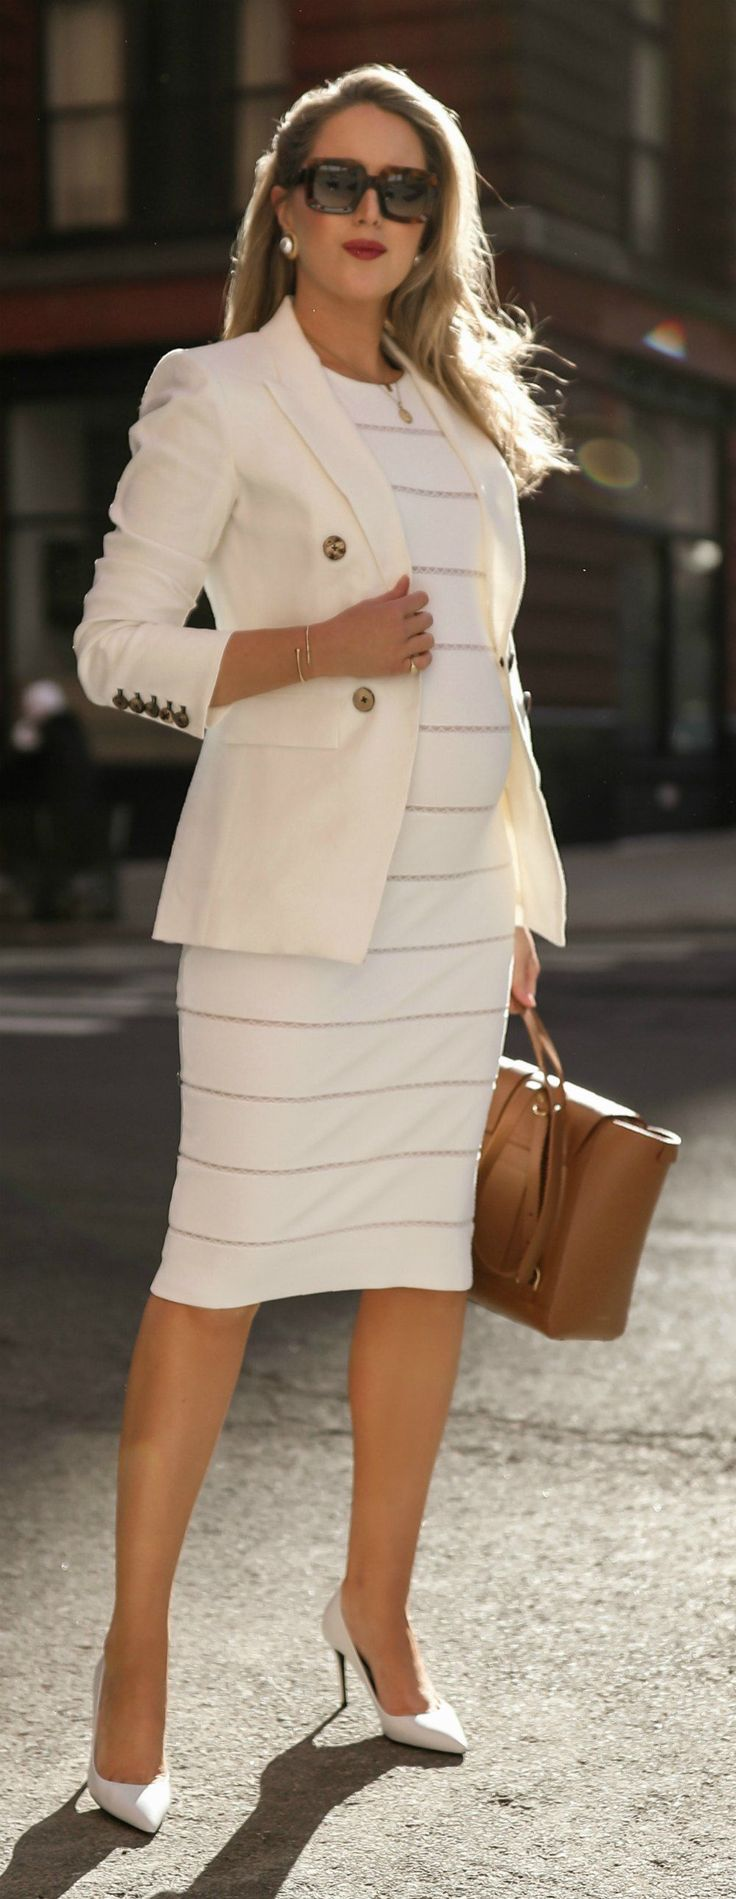 Arbeitskleidung für Schwangere: 9 Must-Haves für jede Schwangere // Weißes …  – MEMORANDUM